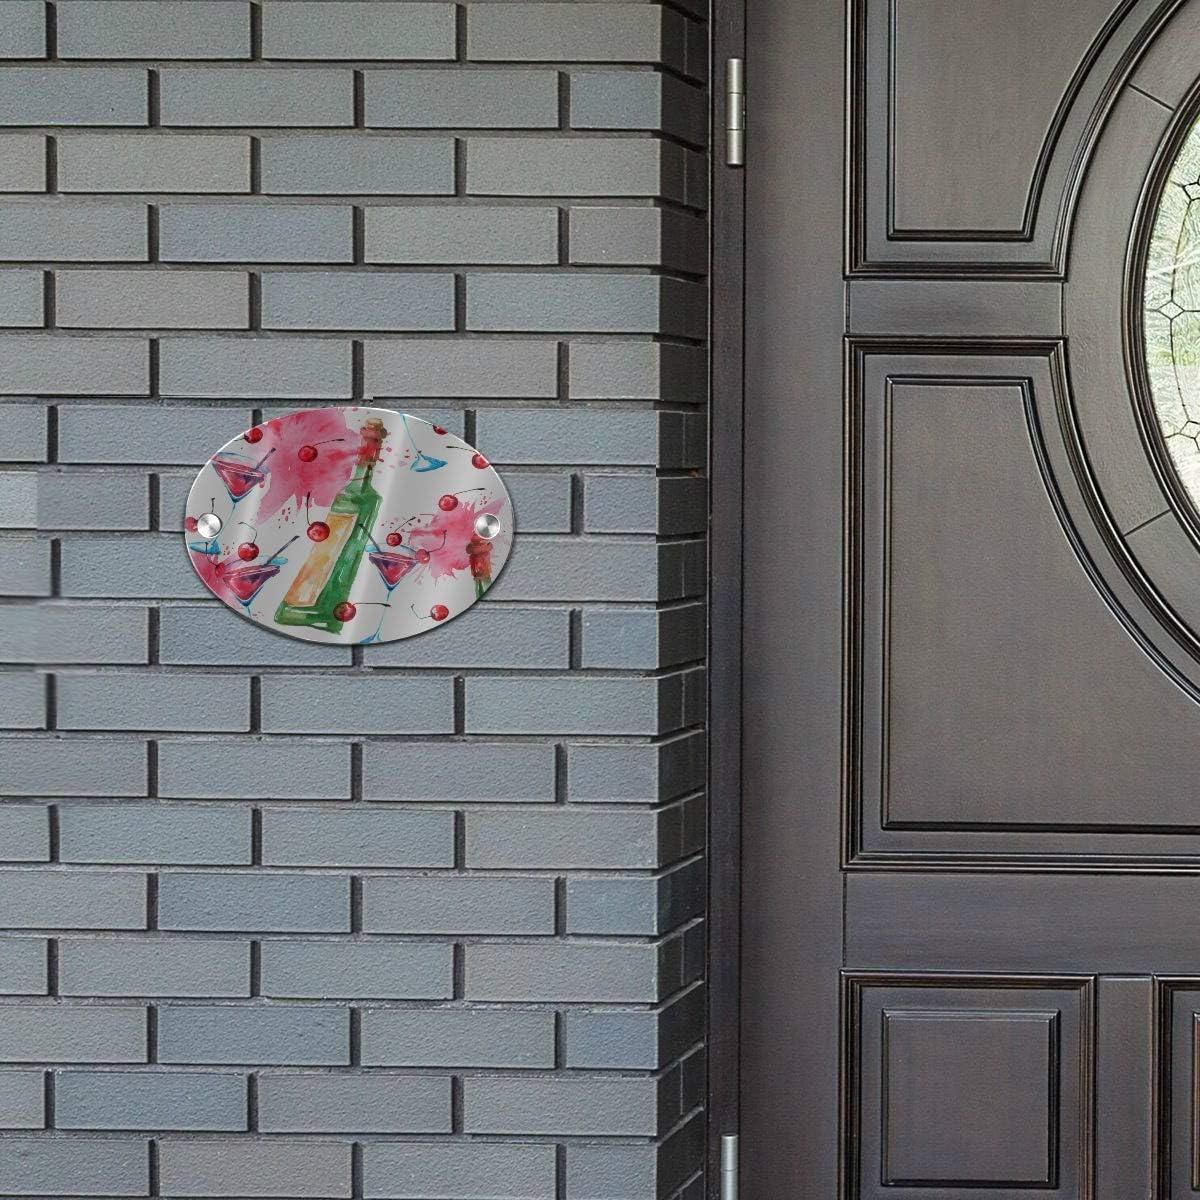 5.5x7.5 Inch MDF Spring Door Sign Summer Door Sign Retro Stylish Colorful Red Wine Cork Oval Farm Door Sign for Door Business Porch Home Indoor Decor